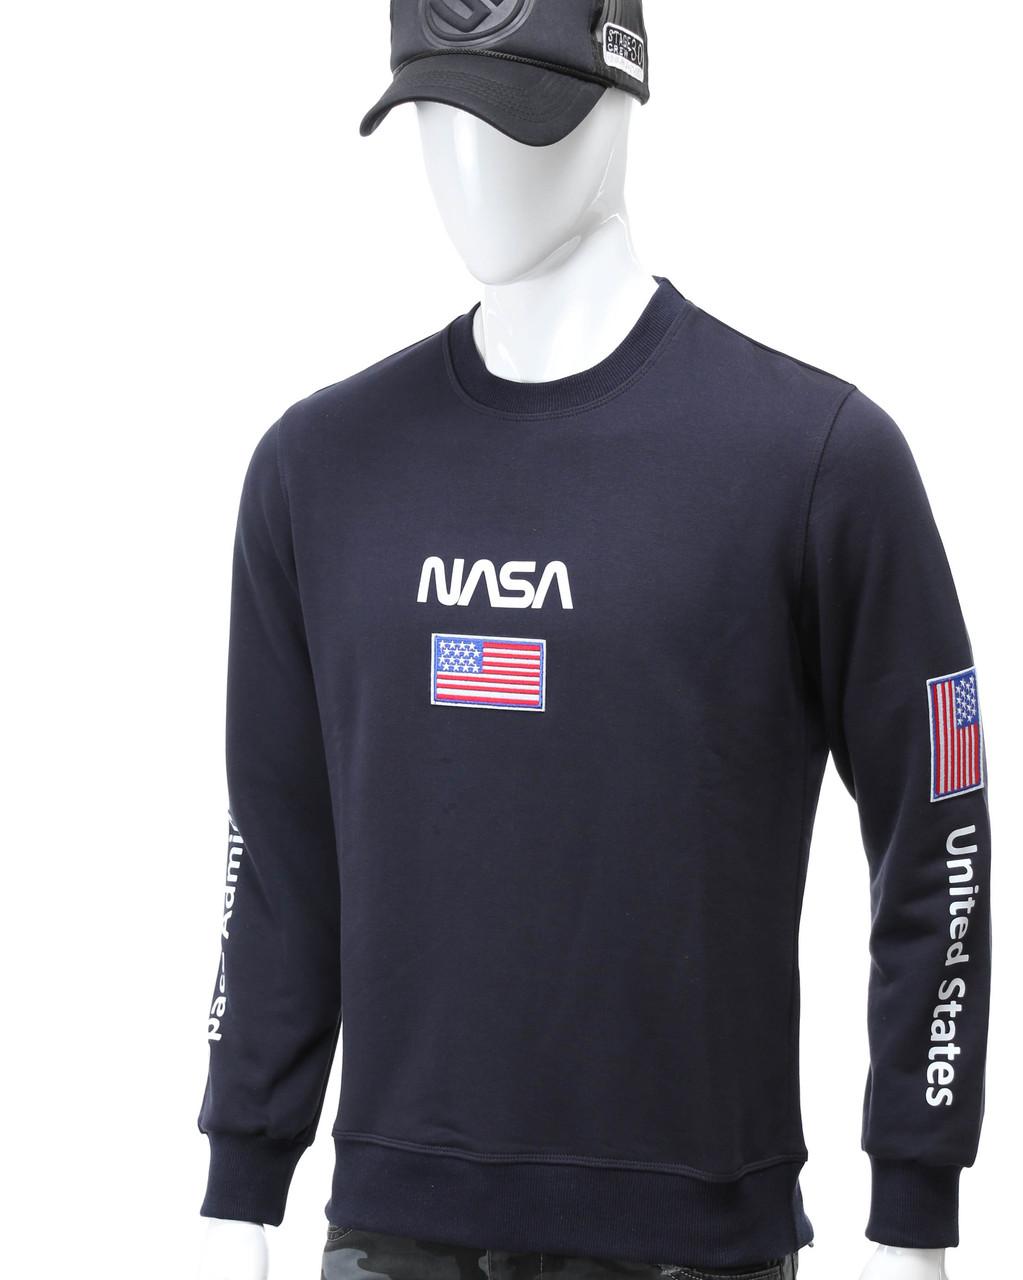 Свитшот т синий NASA №5 патч, рис на рукавах DBLU L(Р) 20-522-001-003